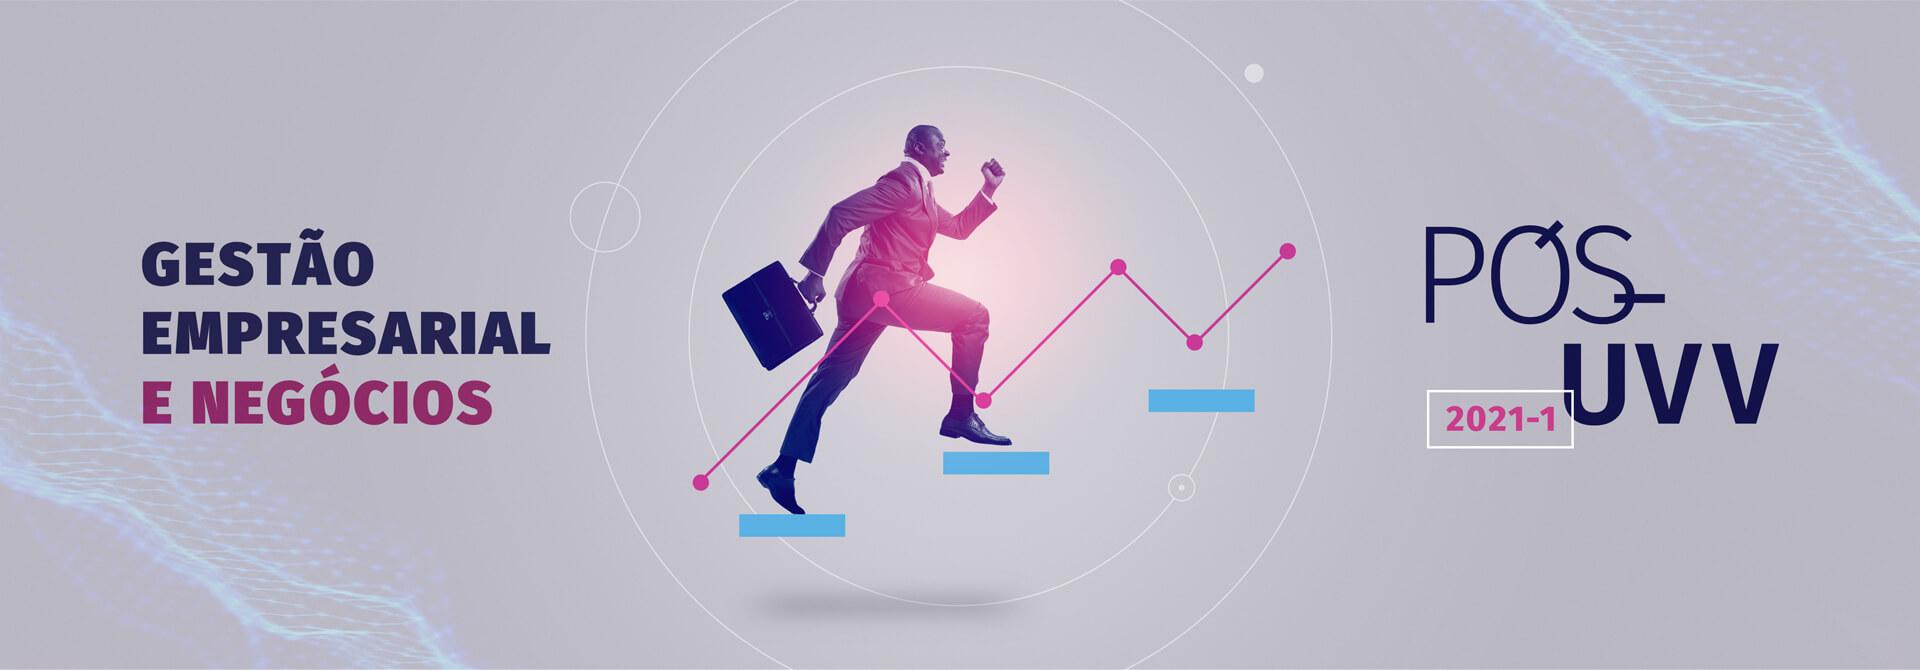 Faça Pós-Graduação em Gestão Empresarial e Negócios